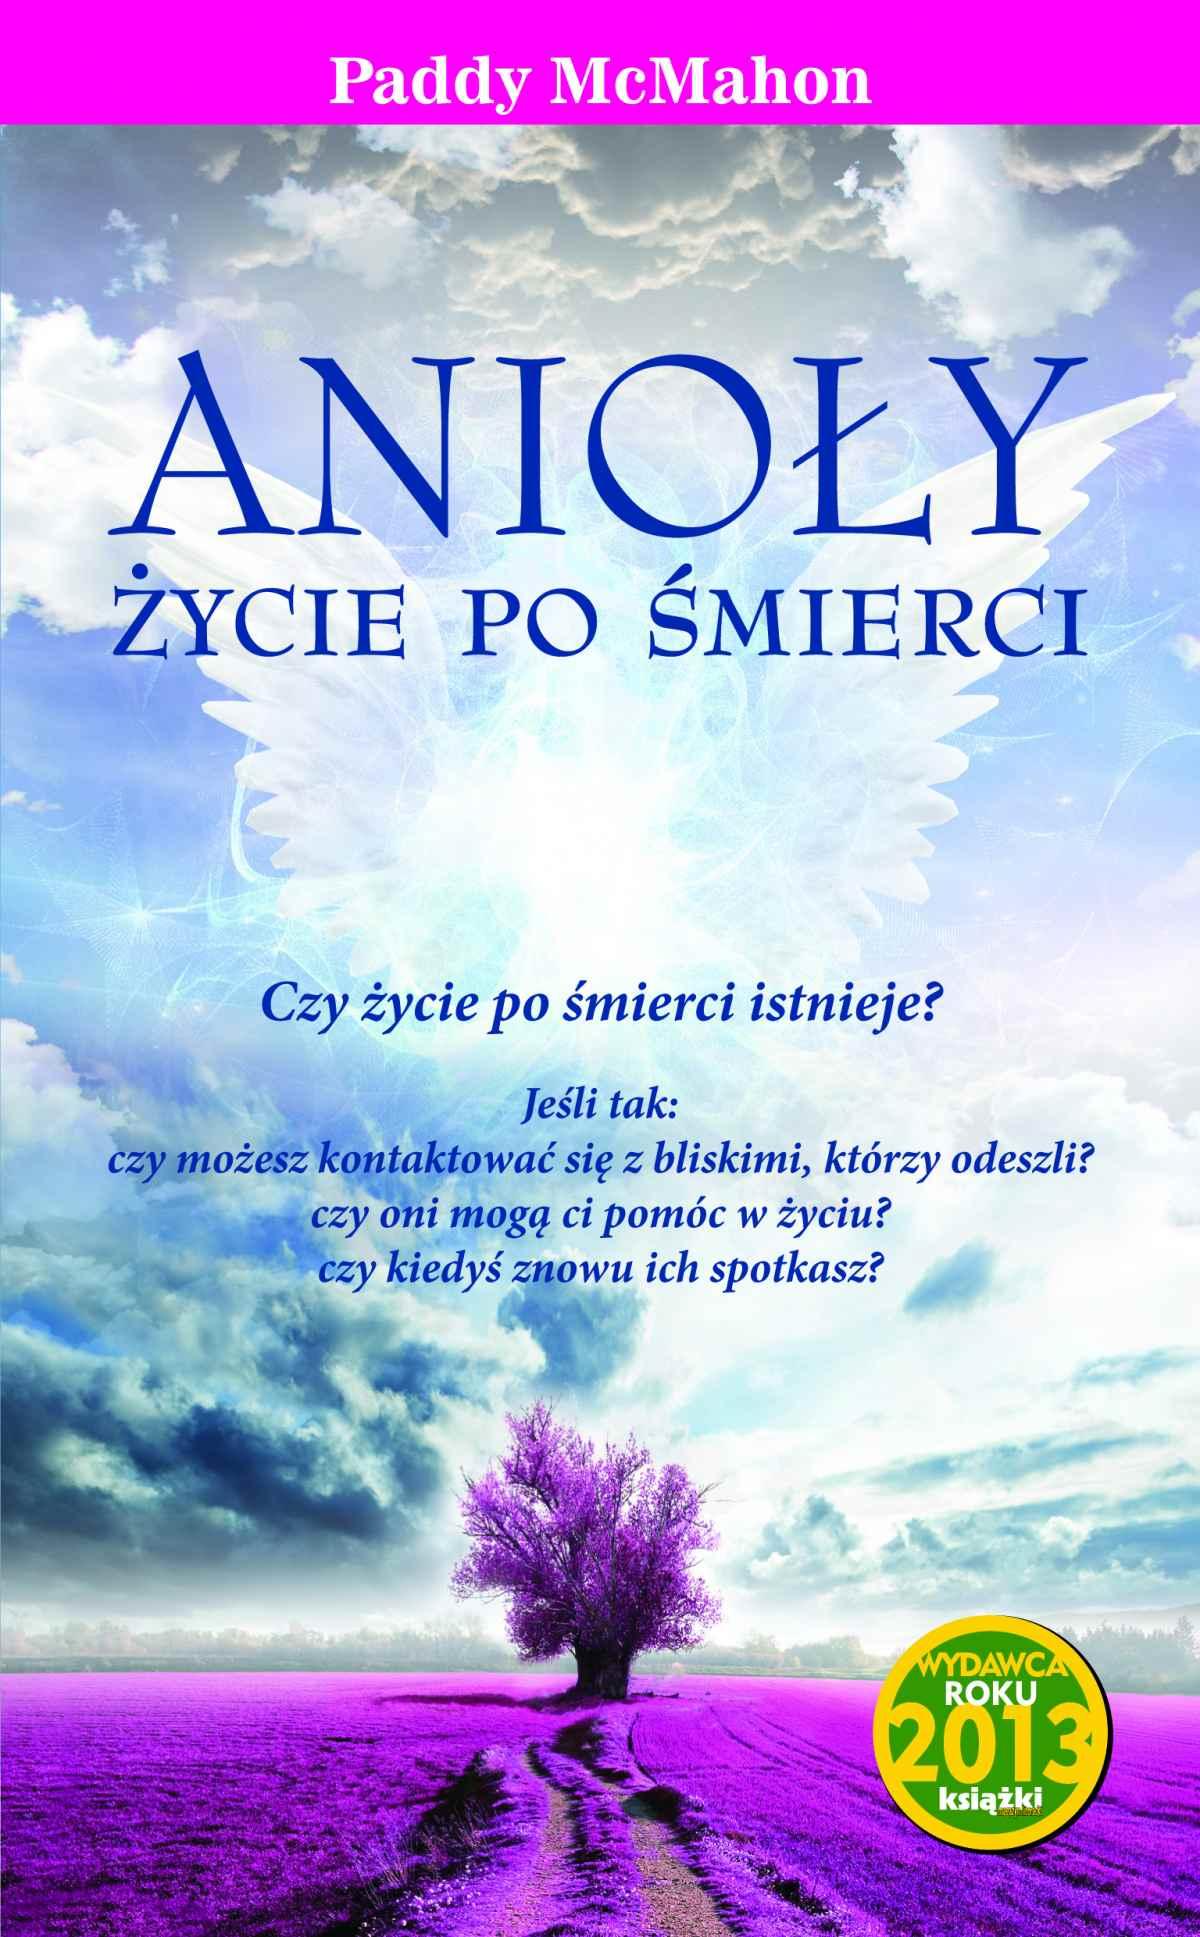 Anioły. Życie po śmierci - Ebook (Książka na Kindle) do pobrania w formacie MOBI